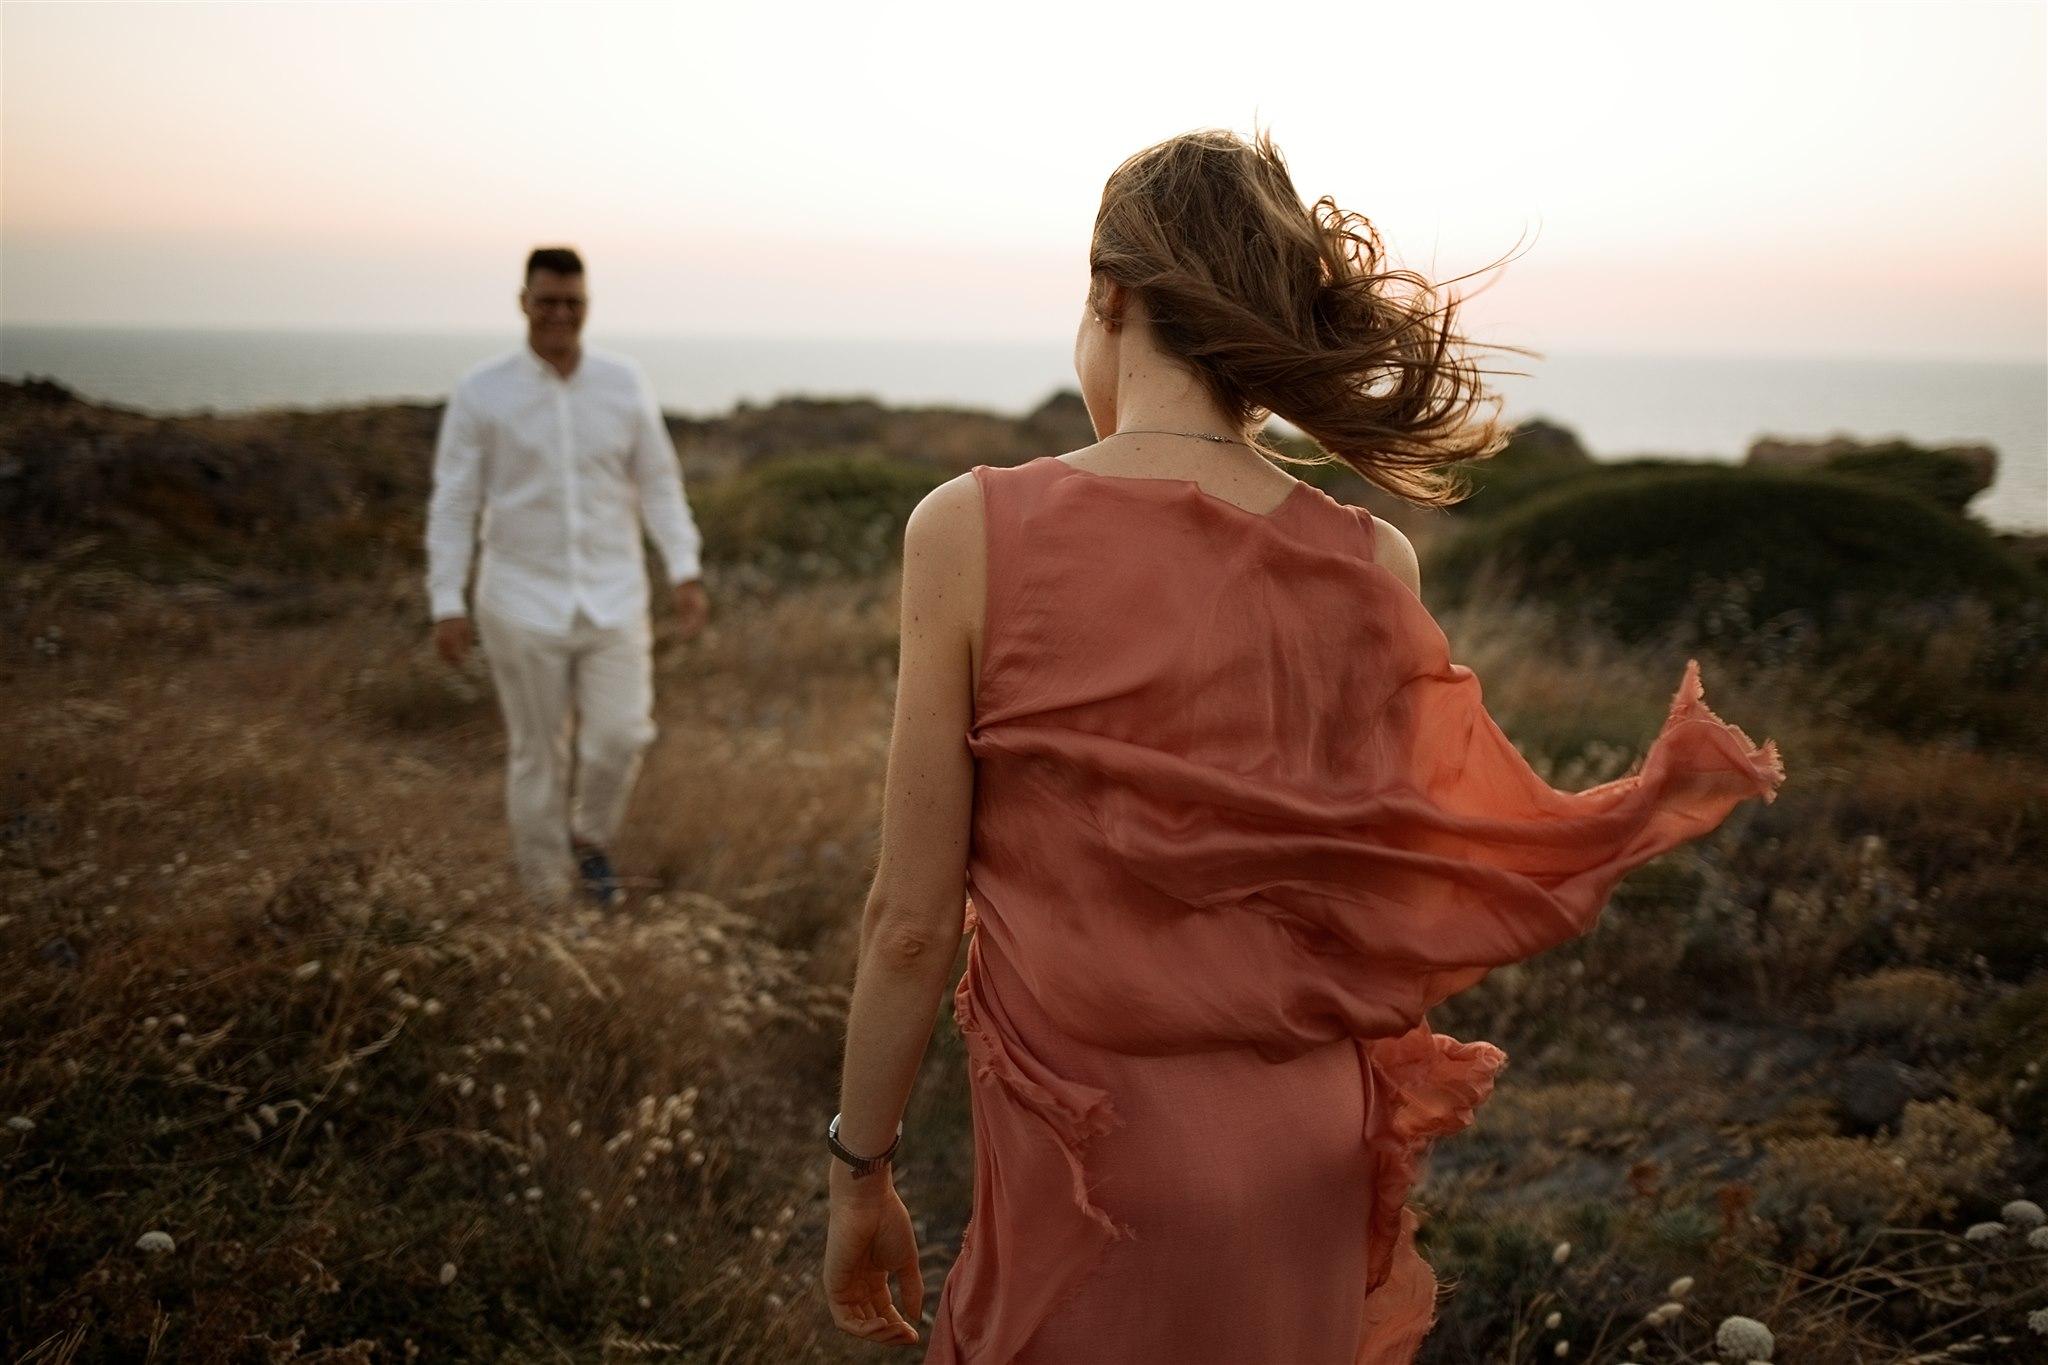 Preboda en cadaques, preboda en la costa brava,  lugares recónditos preciosos, fotos naturales, mencionadas,  destination weddings, esperar meses  para la boda, Girona, fotos de pareja en la costa brava, lugares bonitos para visitar en la costa brava,   senderismo costa brava, cadaqués